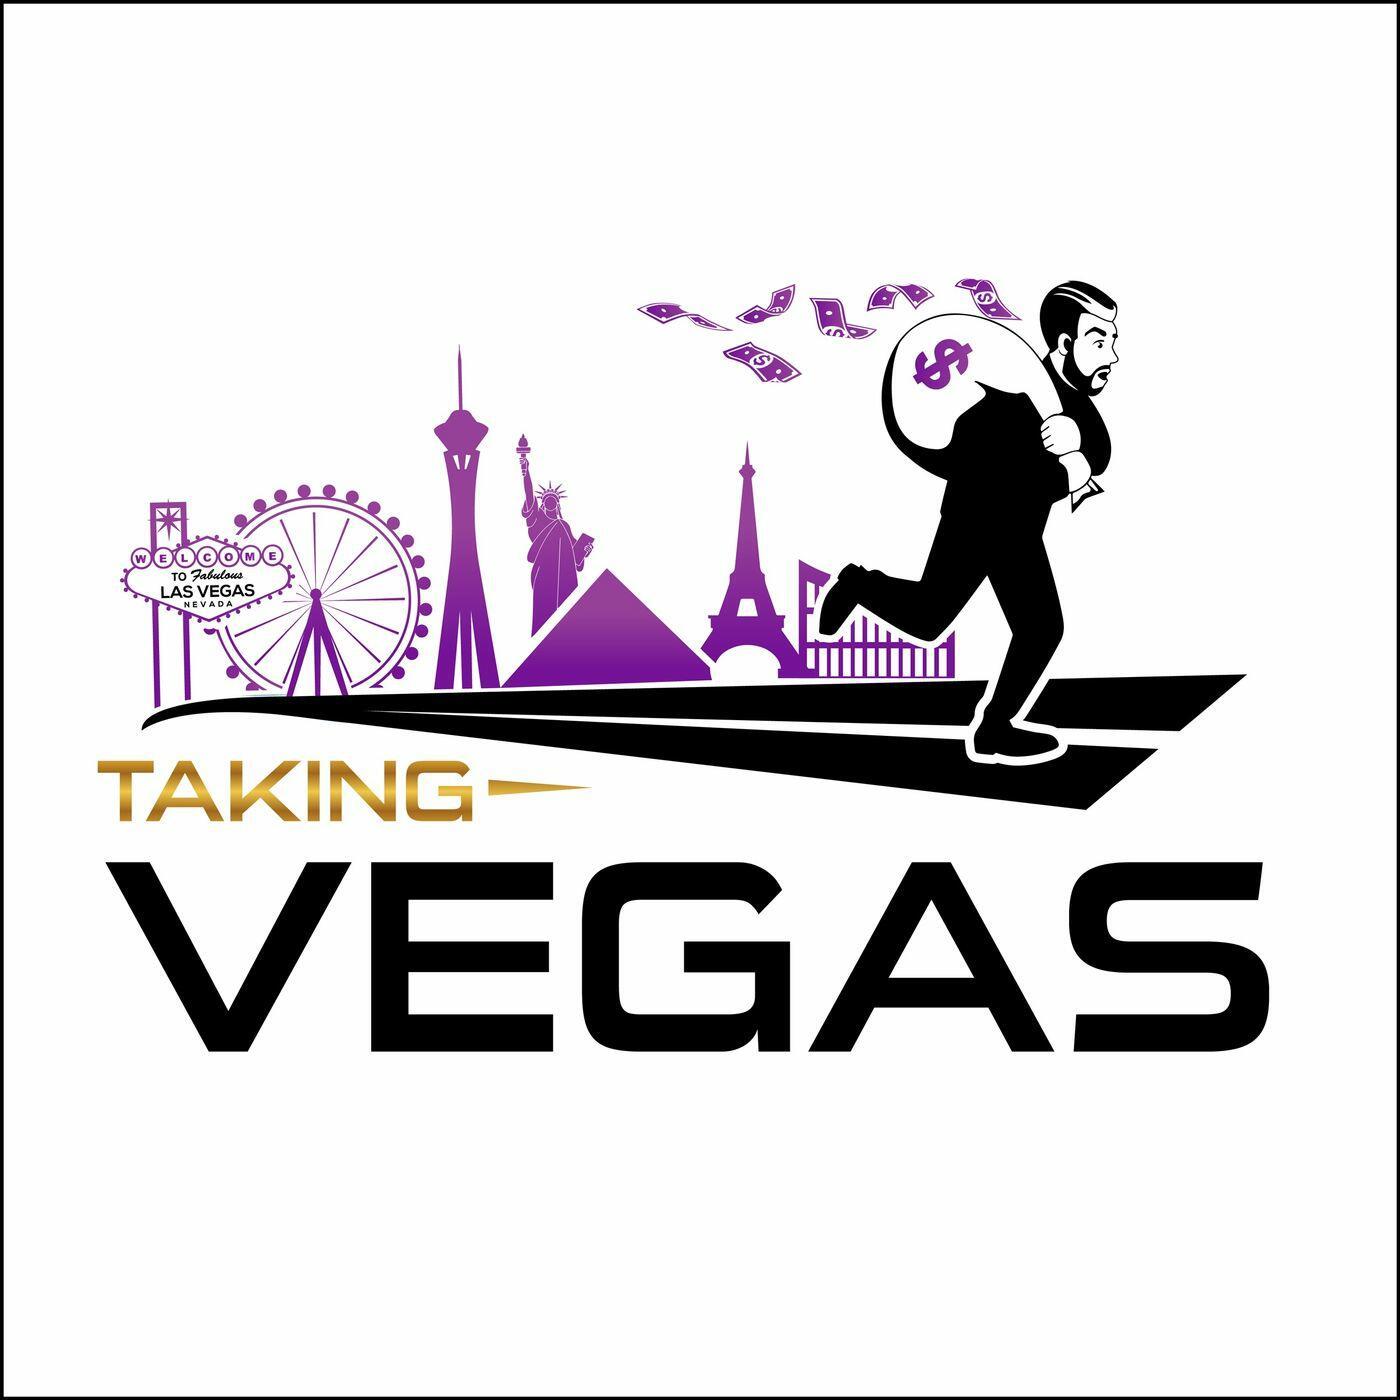 Taking Vegas